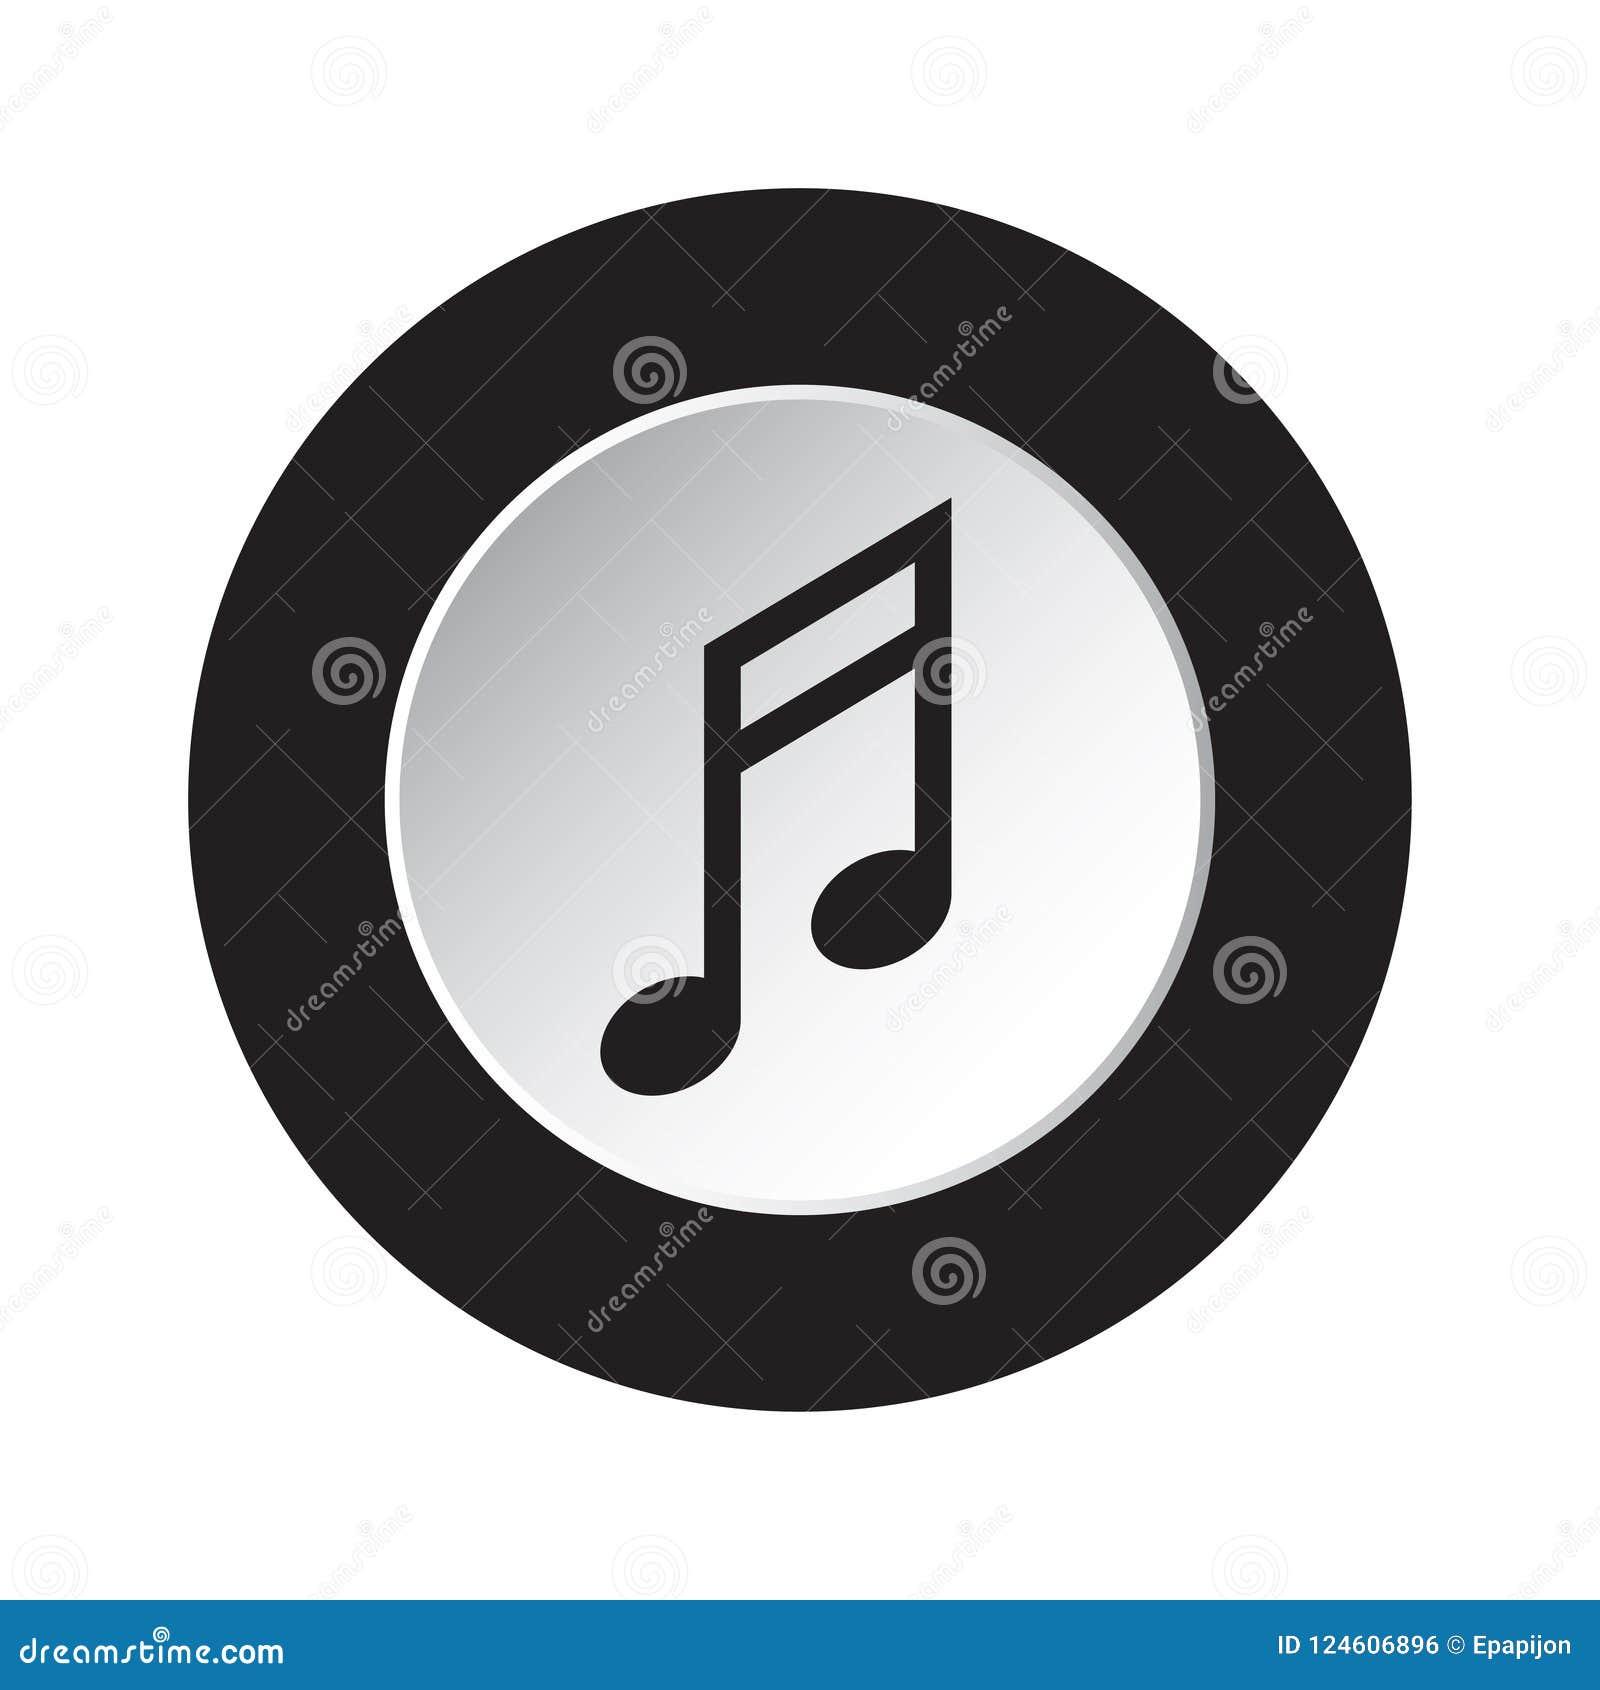 Round czarna, biała guzik ikona, - muzykalna notatka